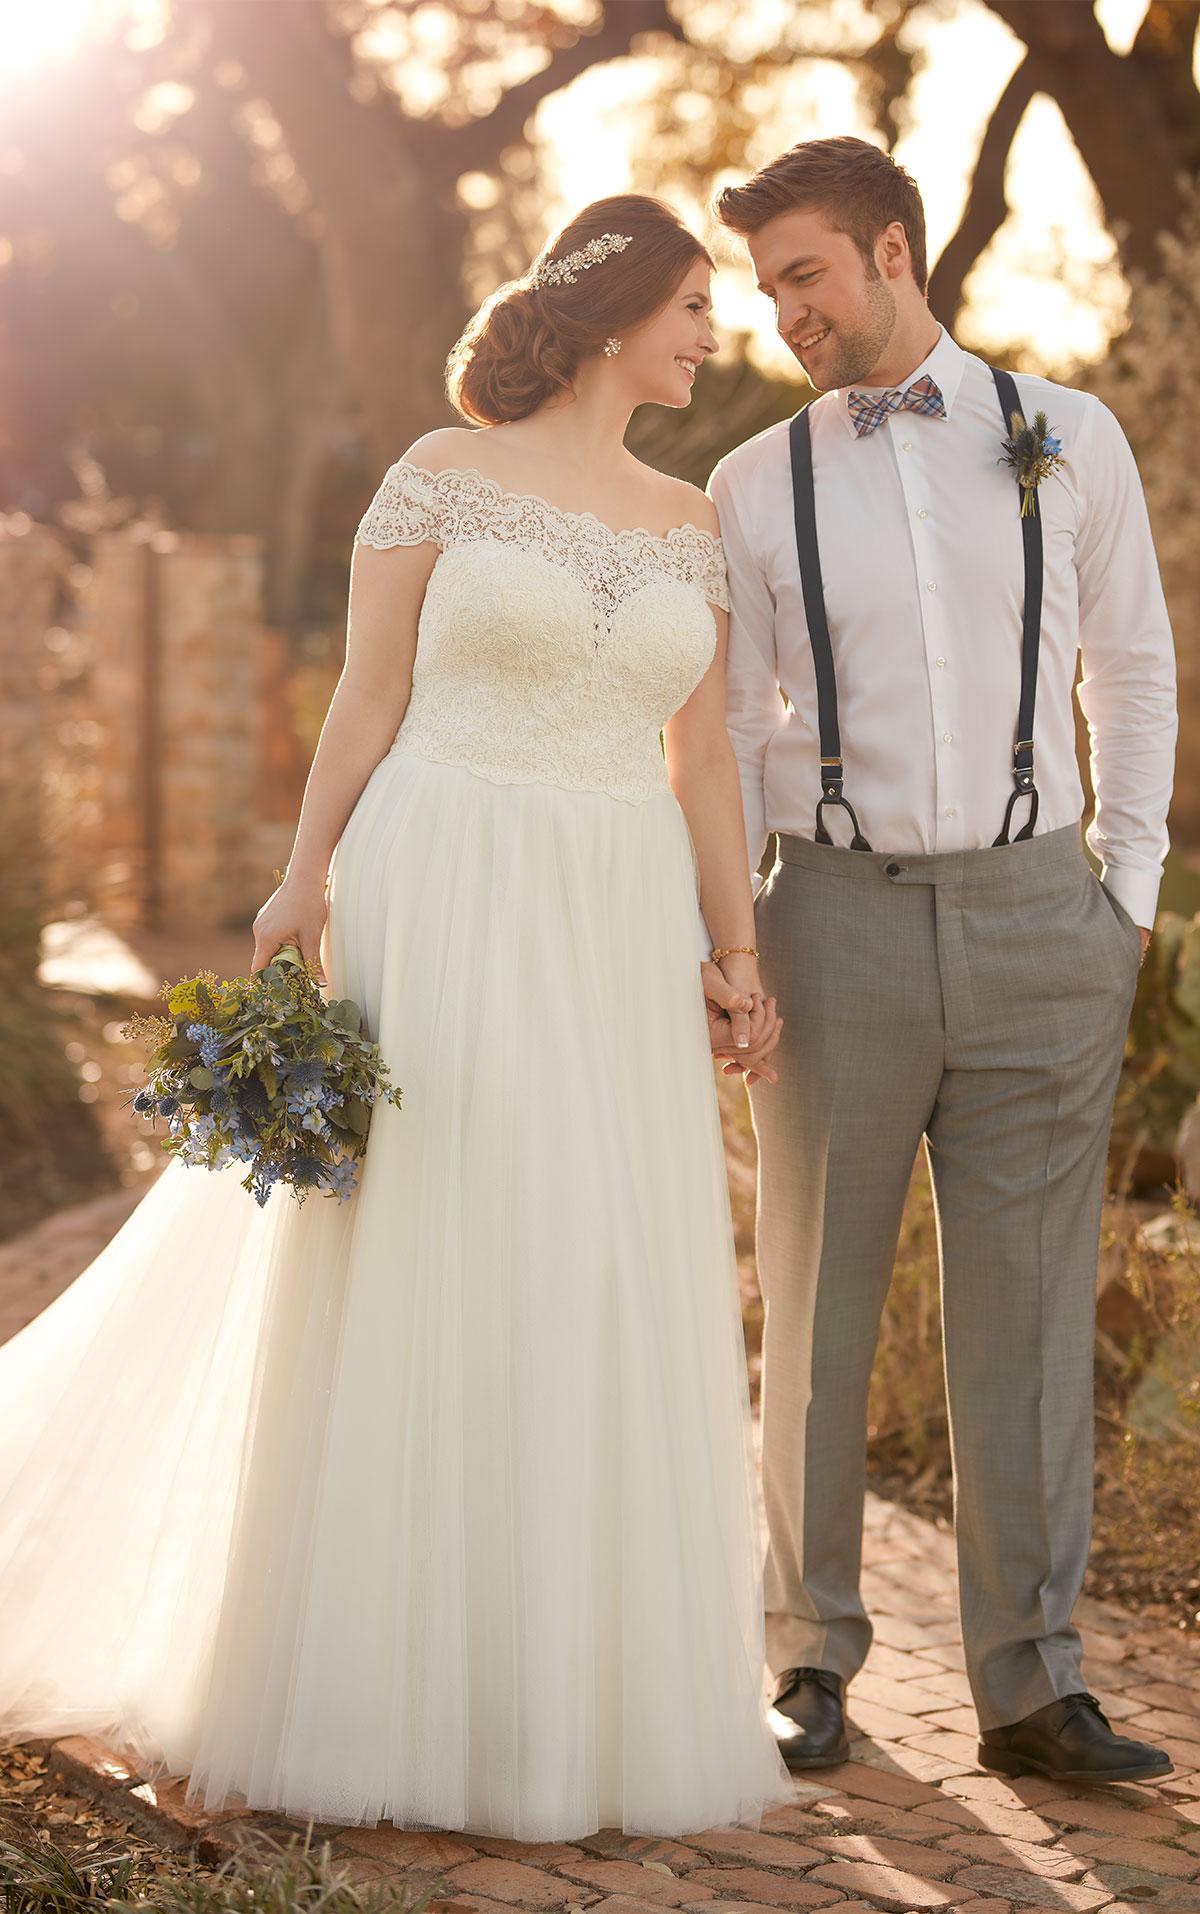 51dd333c48f6 D2446 by Essense of Australia. A pretty boho wedding dress ...